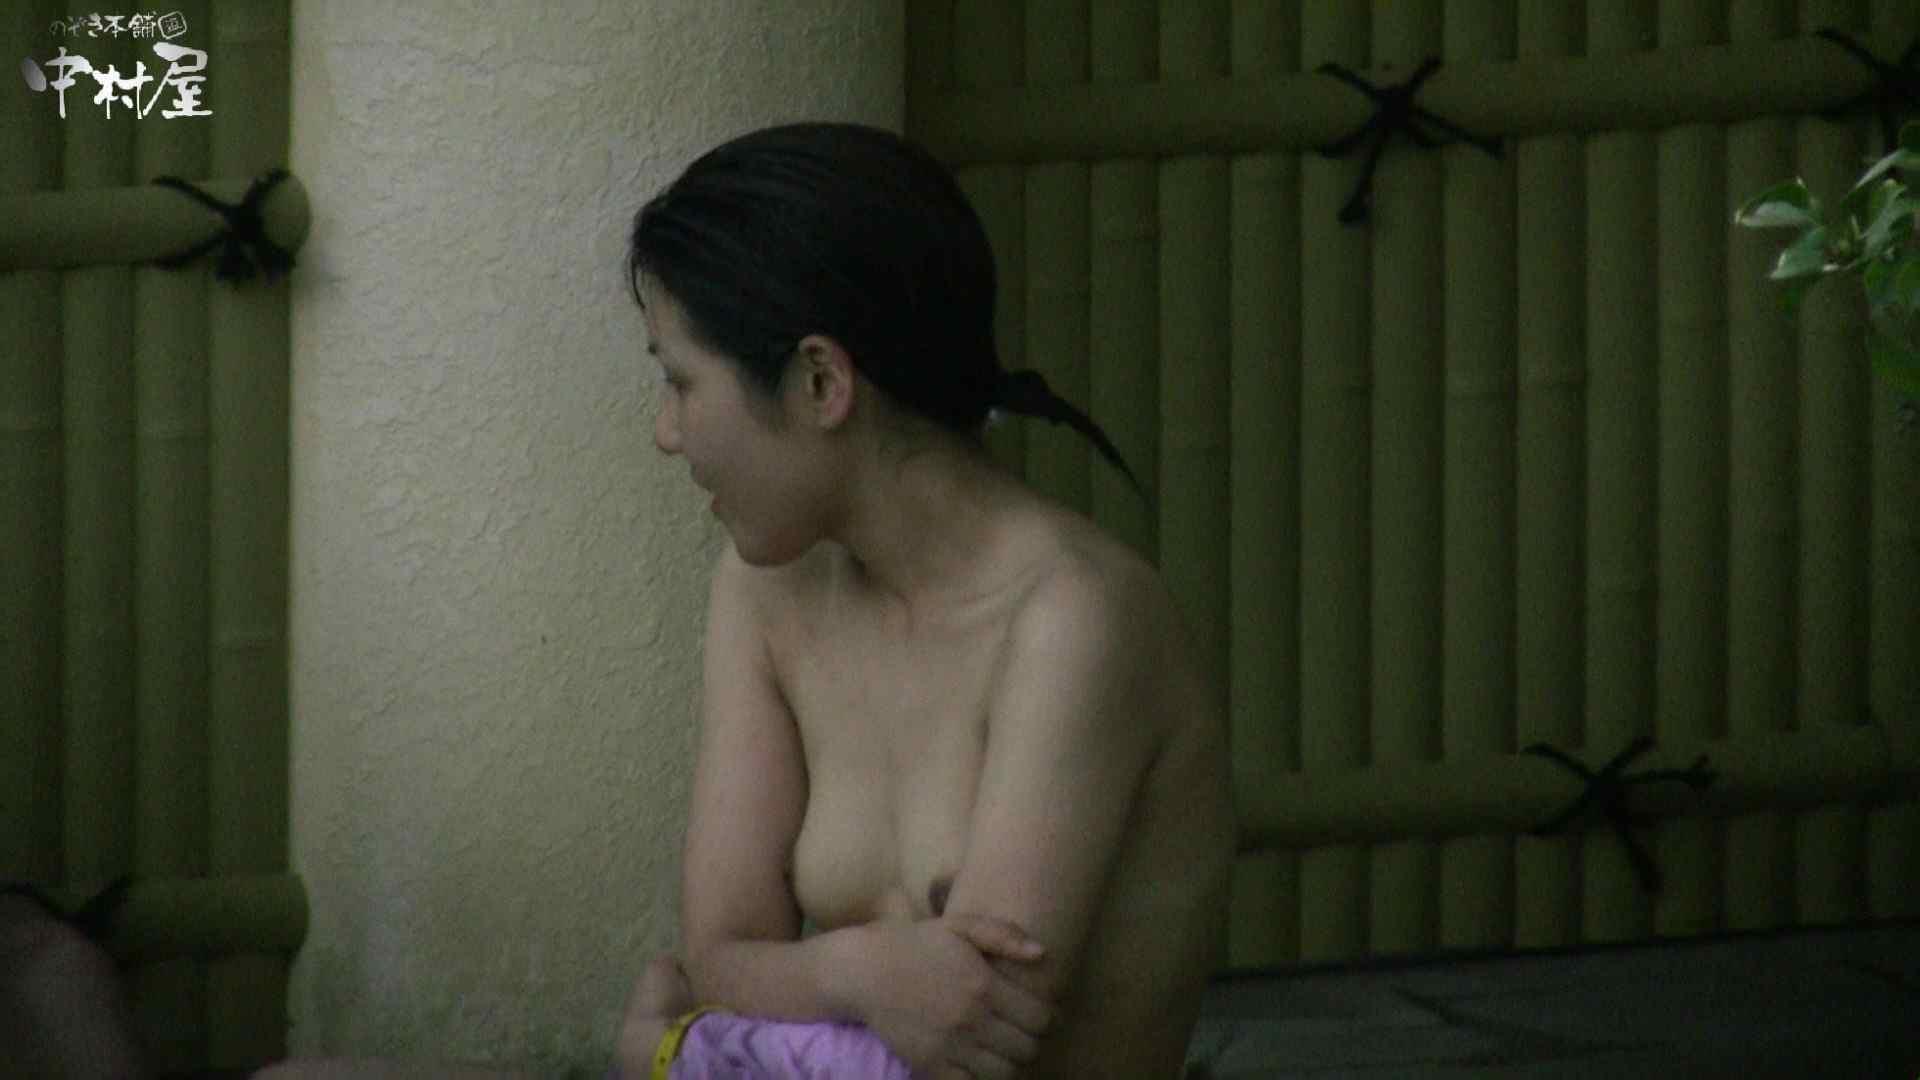 Aquaな露天風呂Vol.983 0   0  78pic 5